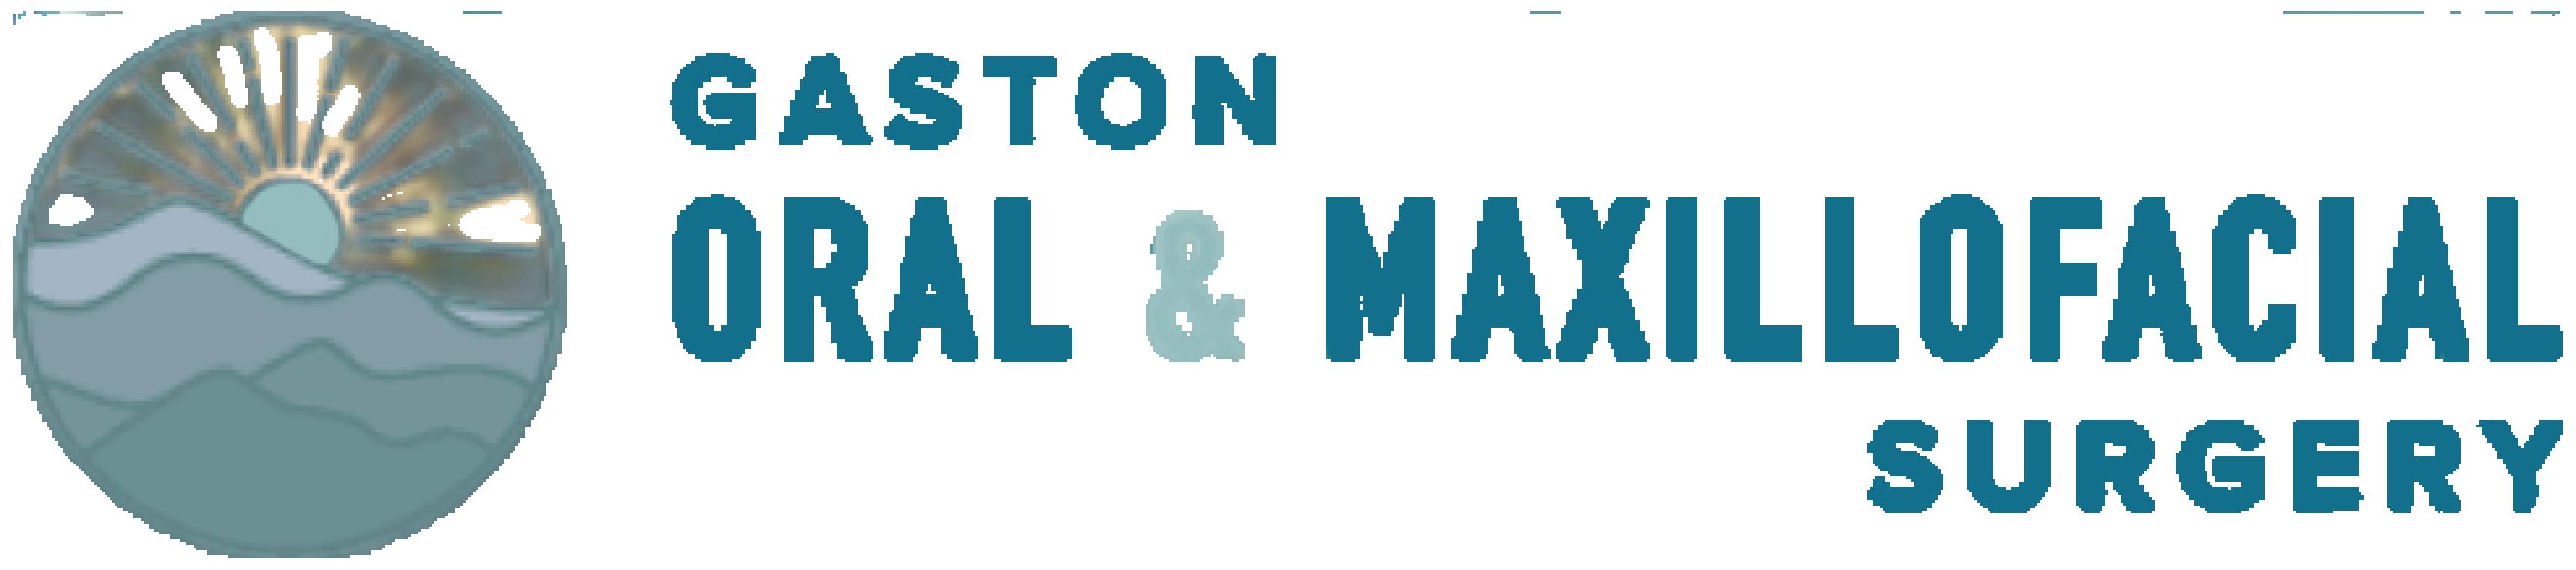 Gaston Oral & Maxillofacial Surgery